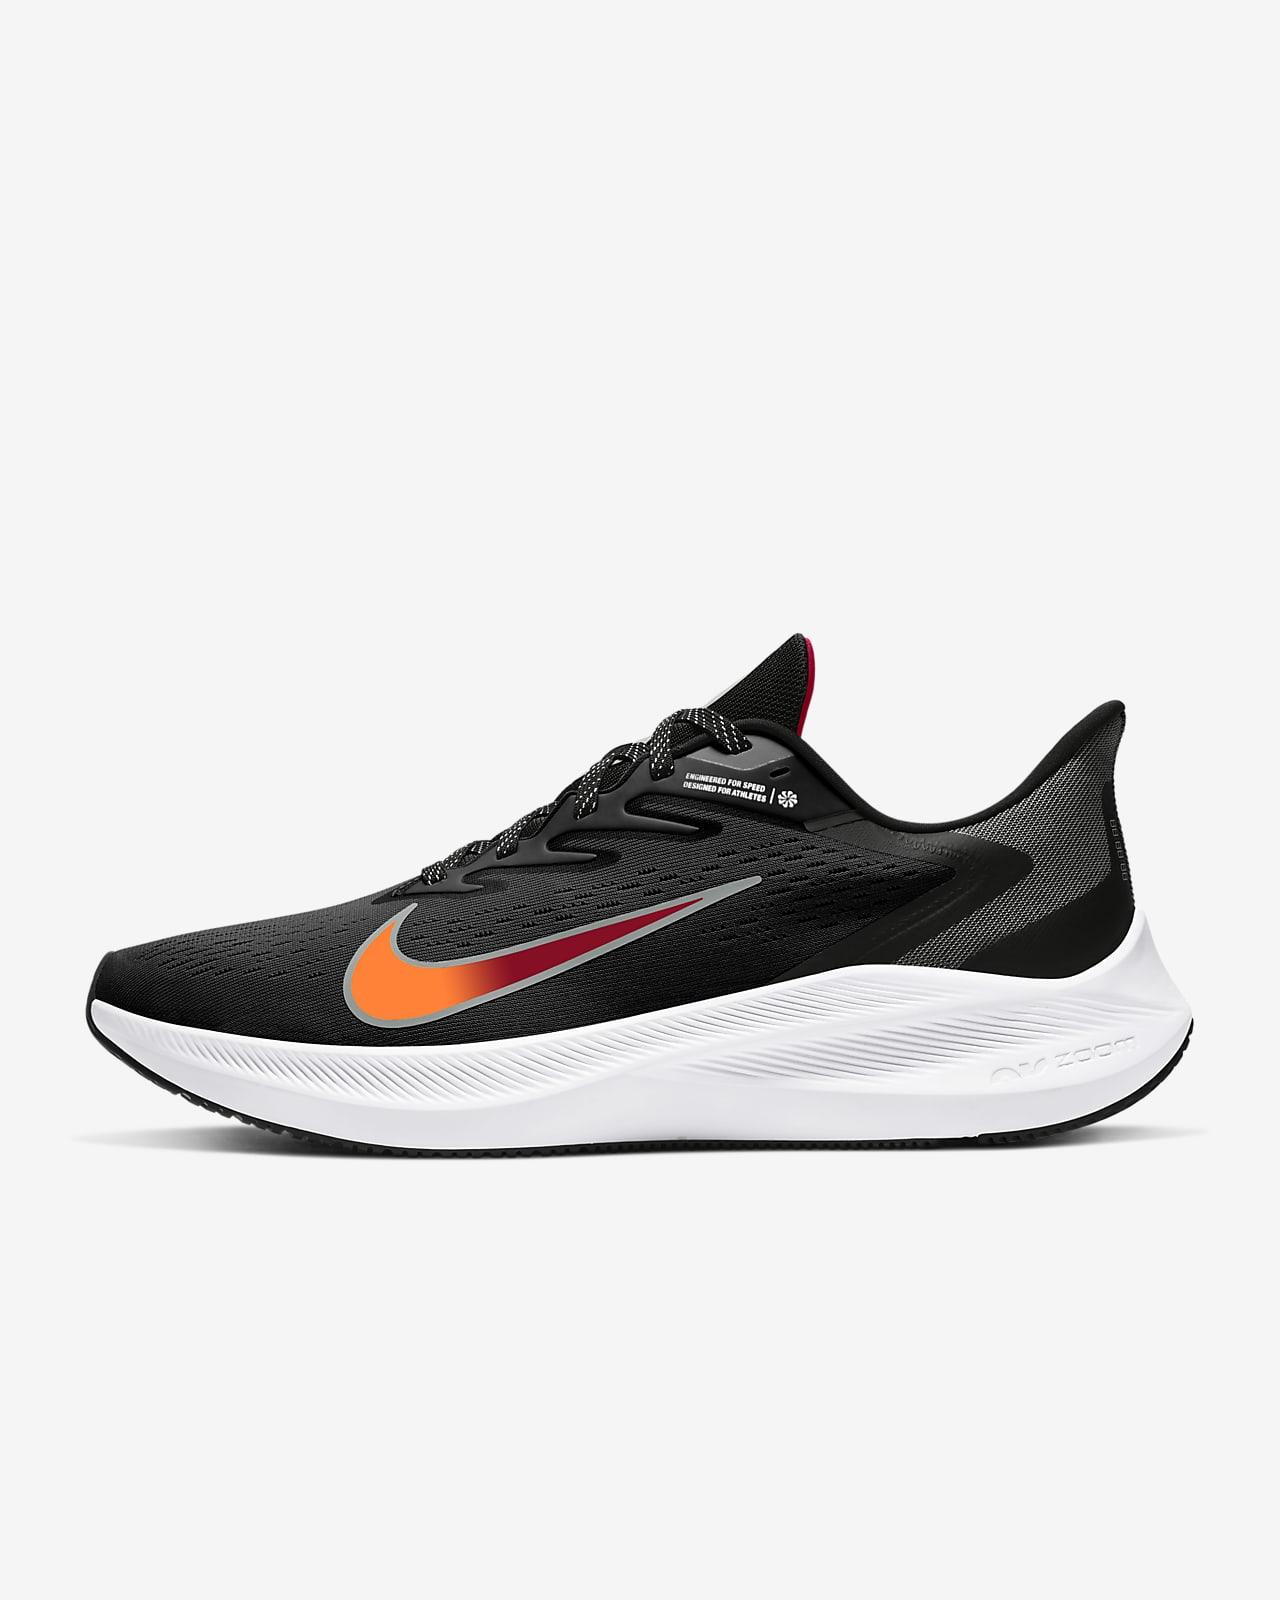 รองเท้าวิ่งผู้ชาย Nike Air Zoom Winflo 7